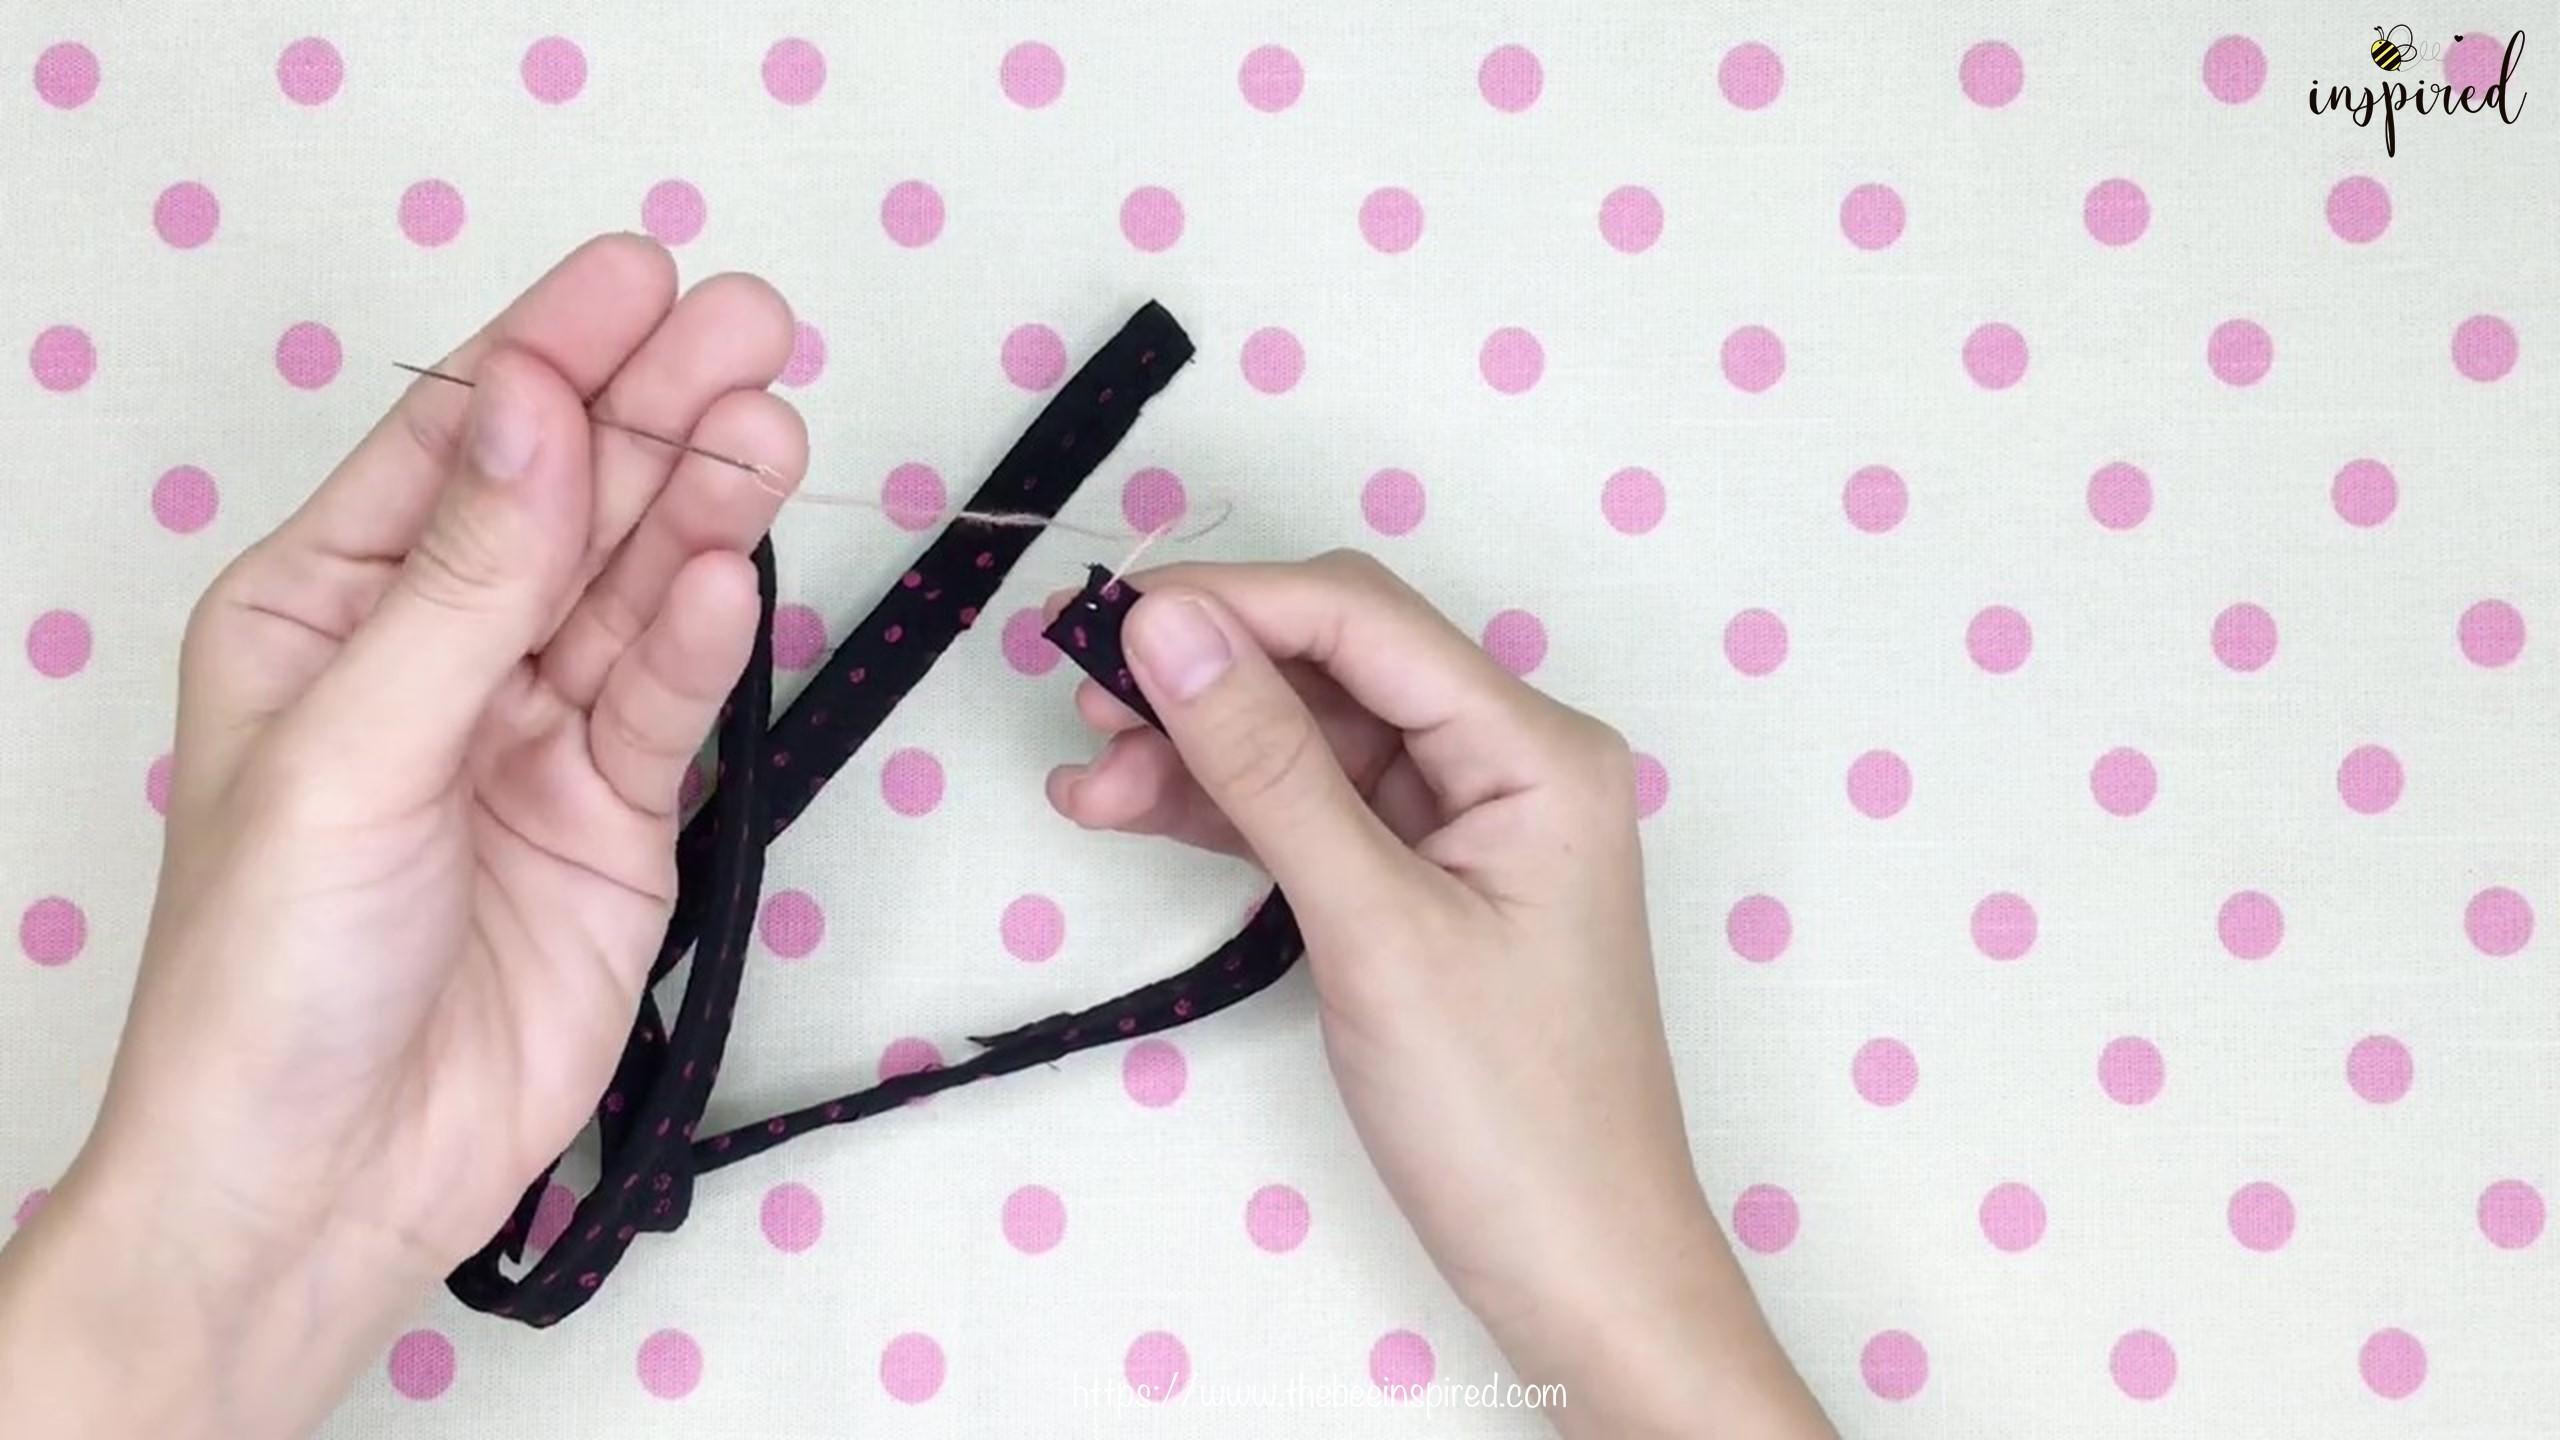 DIY สายคล้องแมสด้วยผ้าราคา 0 บาท _ How to Make Fabric Mask Strap with zero budget!_3